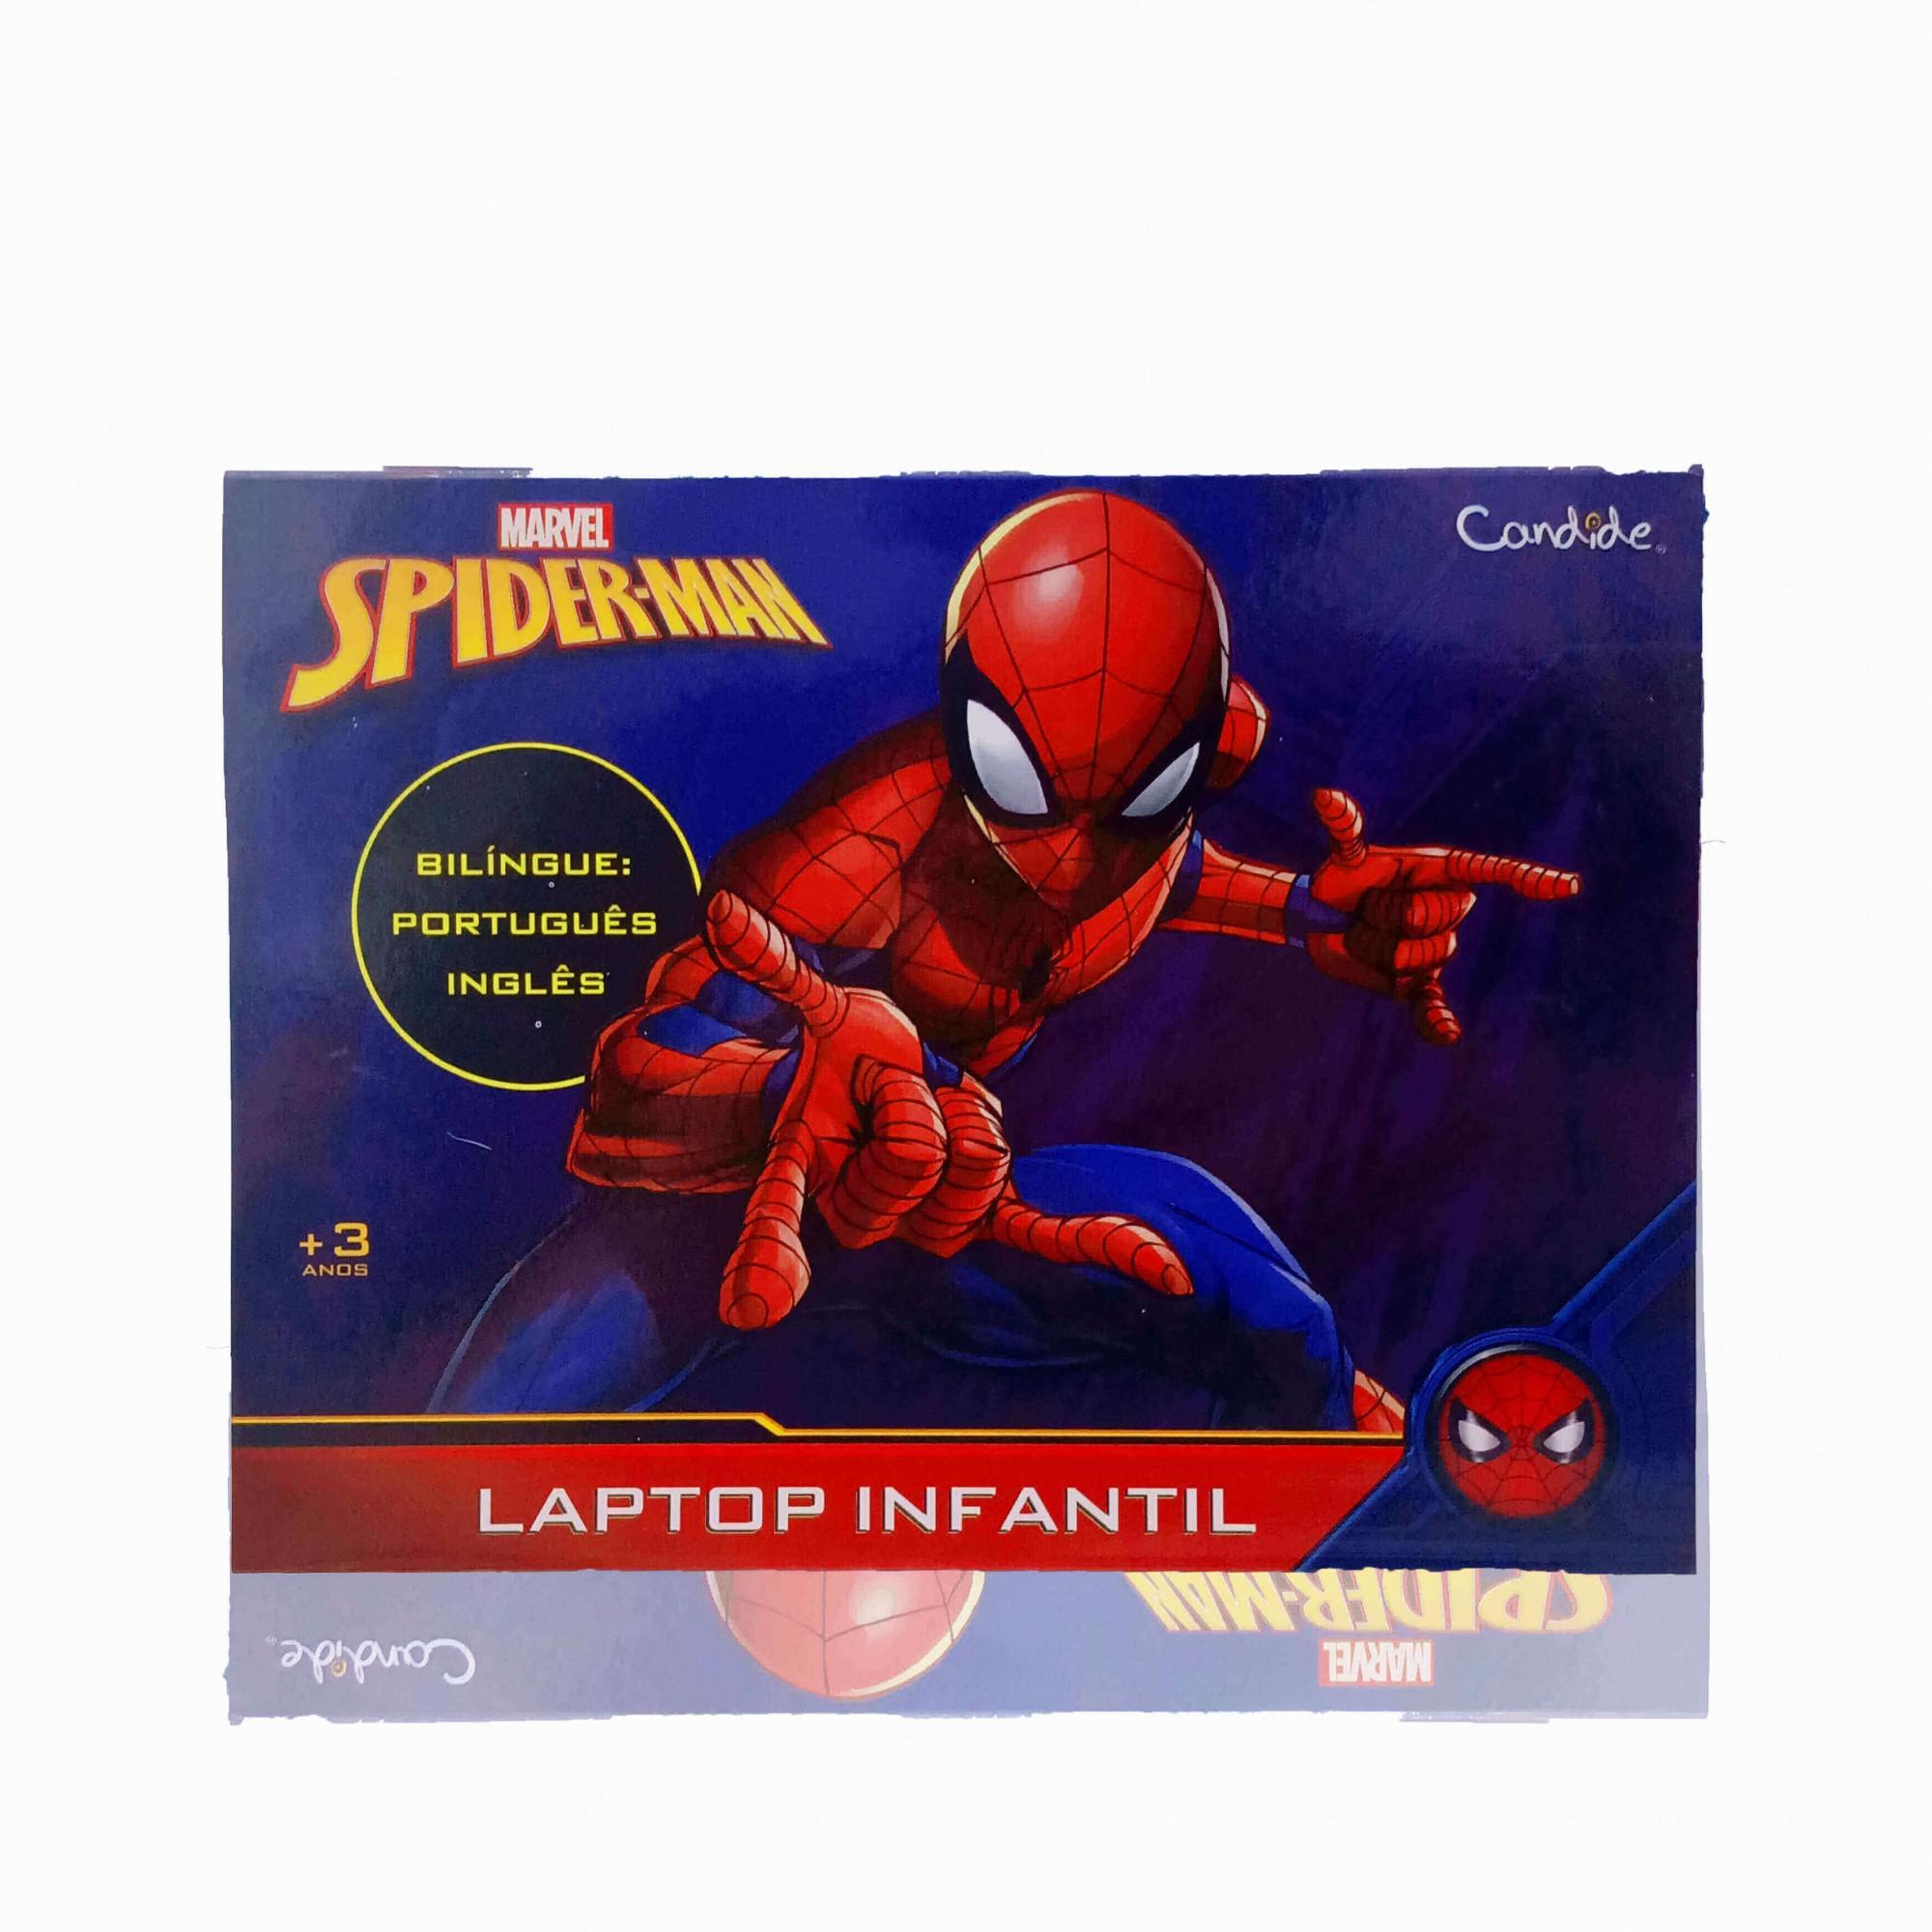 Laptop Infantil - Marvel - Spider-Man - Candide